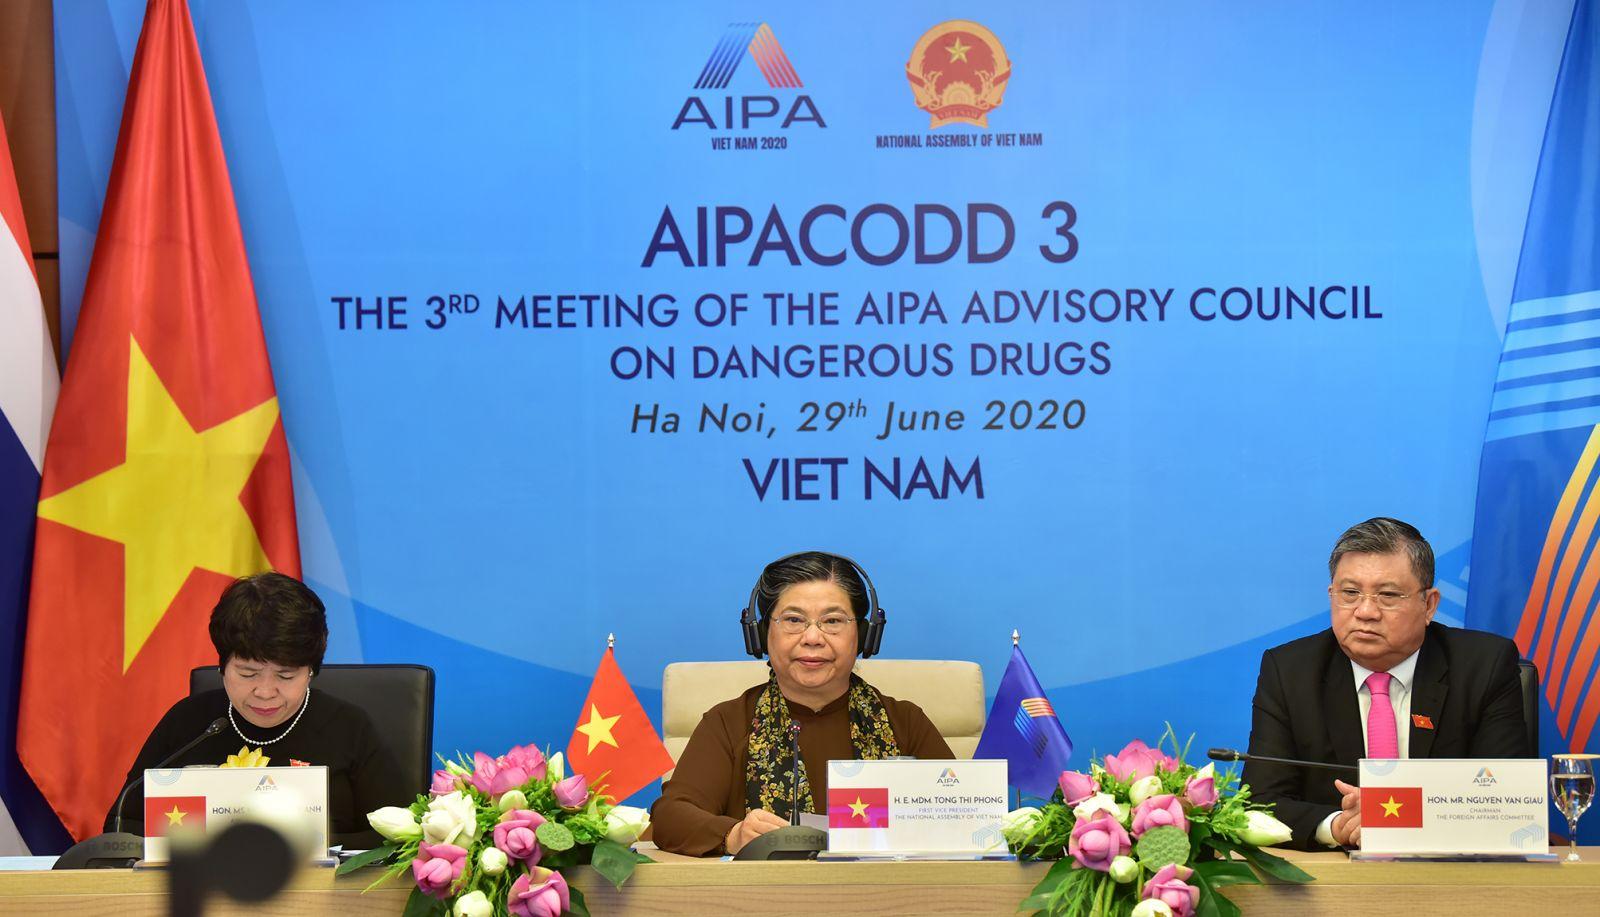 Phó chủ tịch Thường trực Quốc hội Việt Nam Tòng Thị Phóng phát biểu khai mạc Hội nghị AIPACODD 3. Ảnh: Hoàng Giang